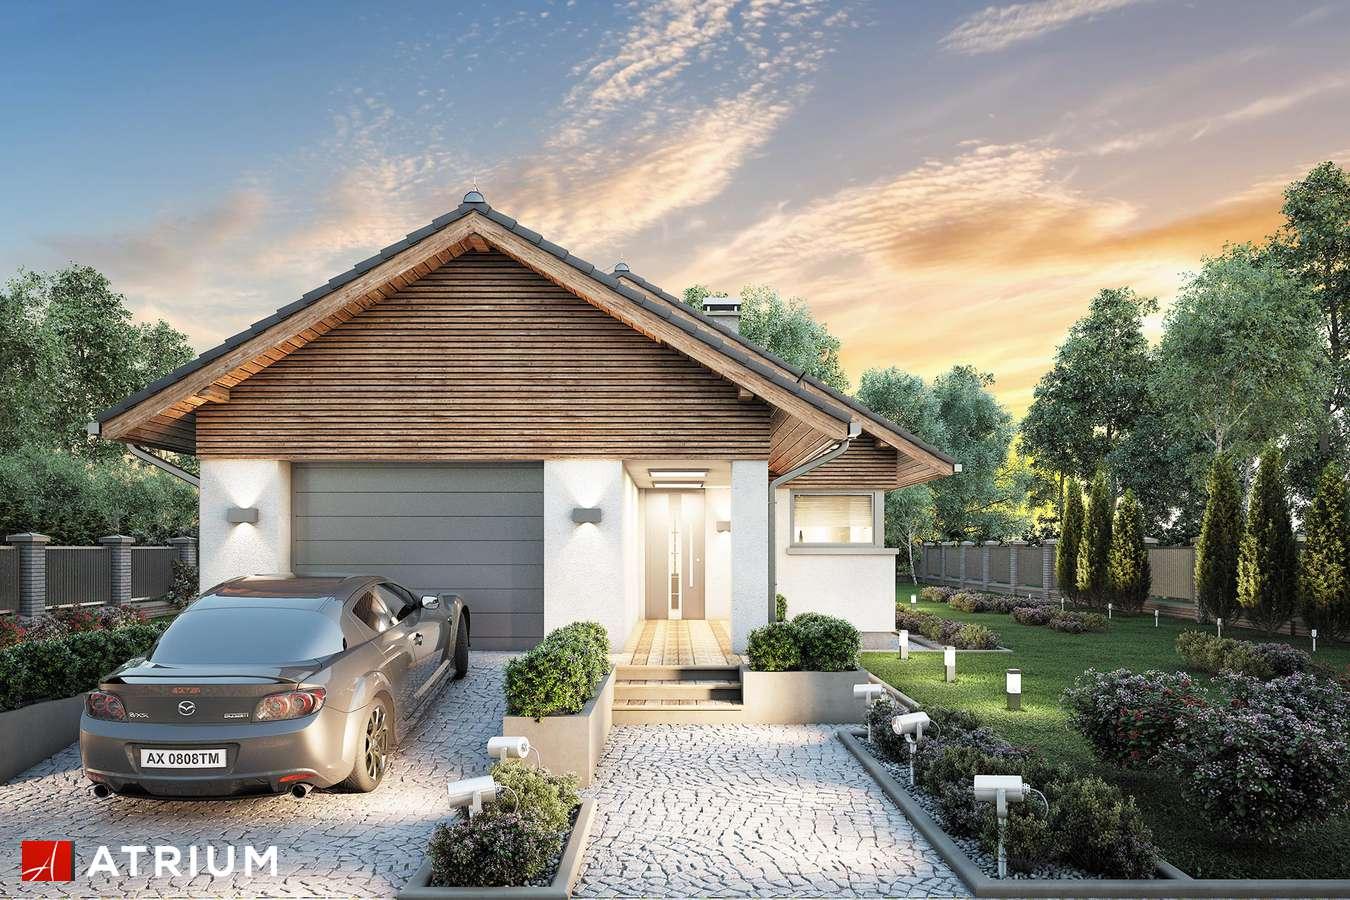 Projekty domów - Projekt domu parterowego PELIKAN SLIM - wizualizacja 1 - wersja lustrzana